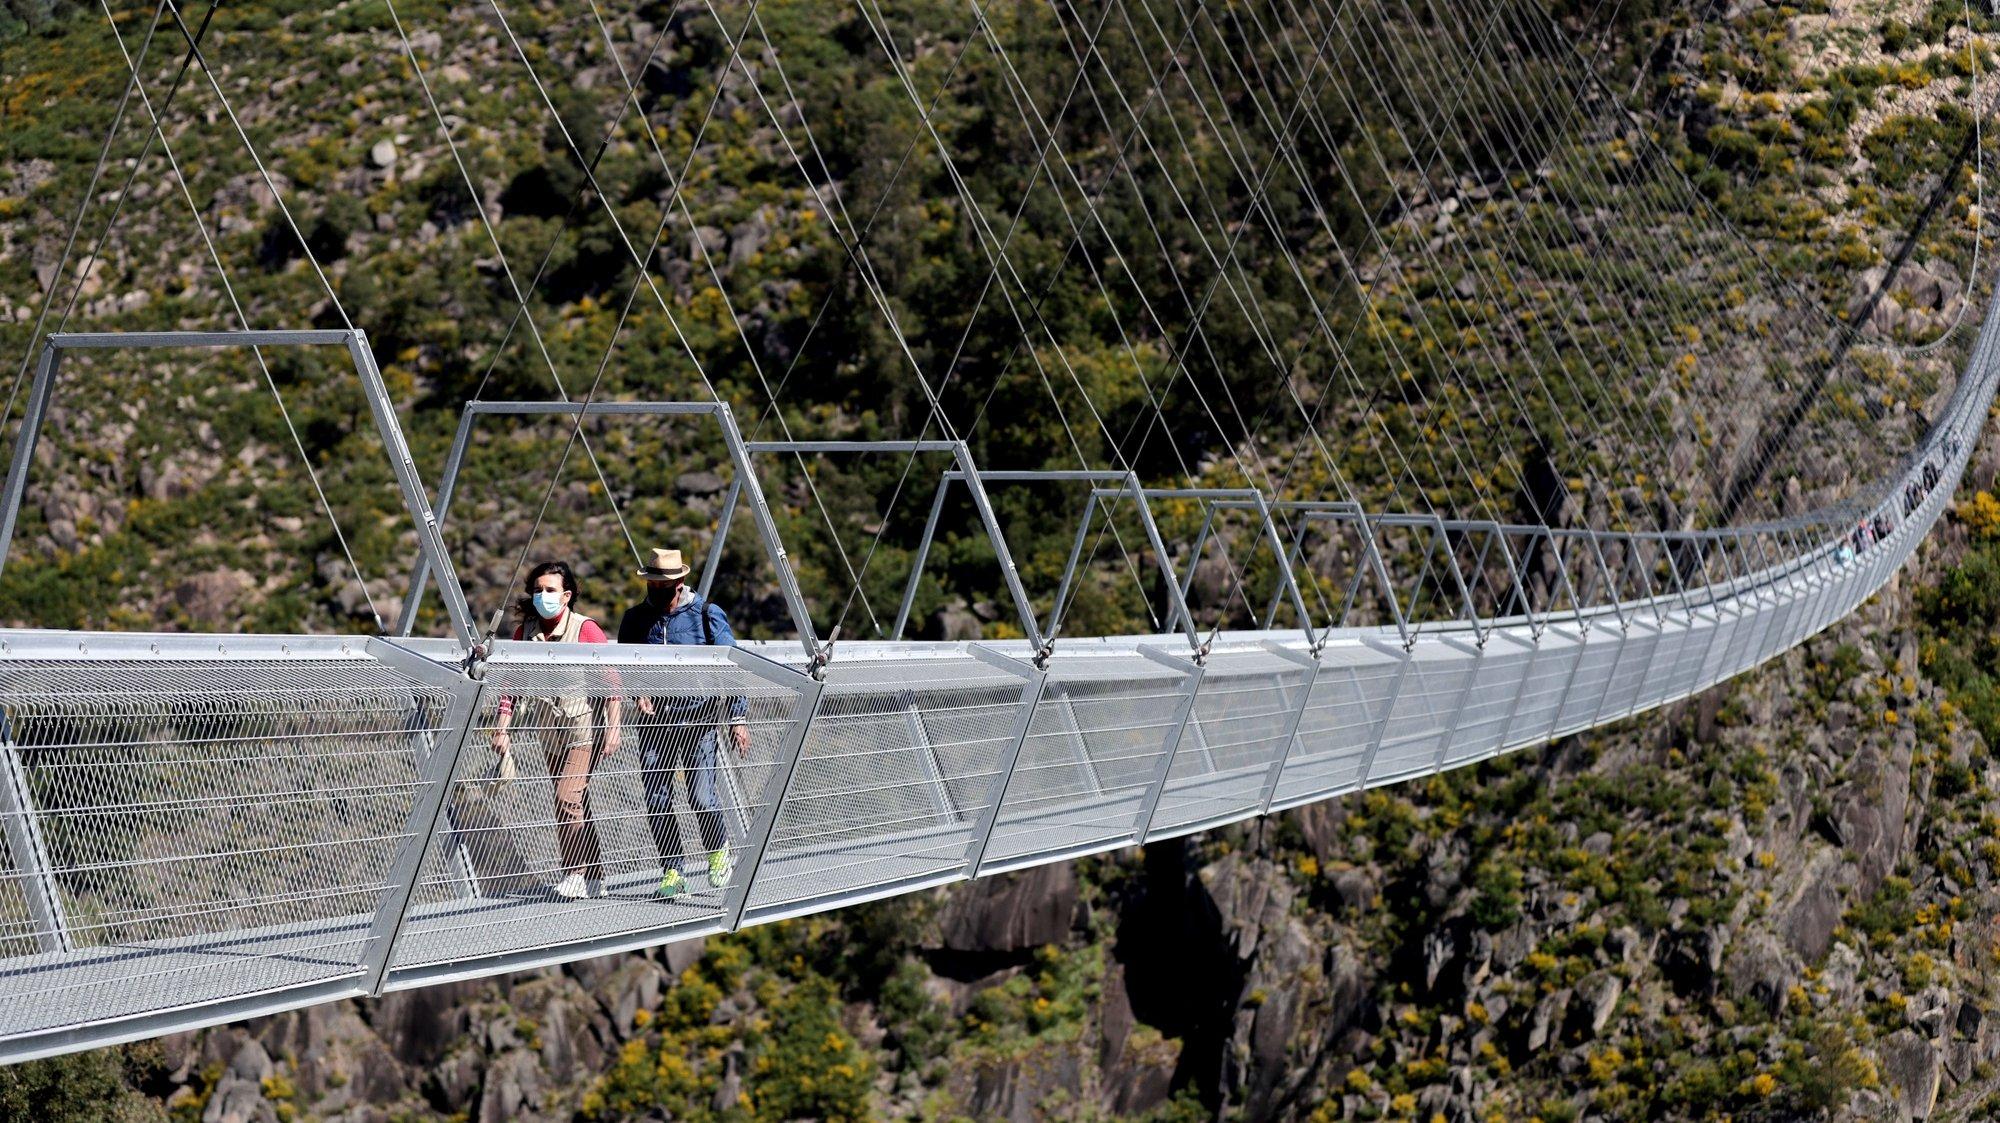 """Vista para a """"516 Arouca"""", considerada a maior ponte pedonal suspensa do mundo, com 516 metros de comprimento e 175 metros de altura, em Arouca,16 de abril de 2021. Situada junto aos Passadiços do Paiva e segura por cabos de aço dispostos 175 metros acima do leito do rio, aquela que se antecipa como uma das principais atrações turísticas do distrito de Aveiro está concluida e pode ser visitada pelo público em geral a partir de dia 03 de maio. (ACOMPANHA TEXTO DE 28/04/2021) ESTELA SILVA/LUSA"""